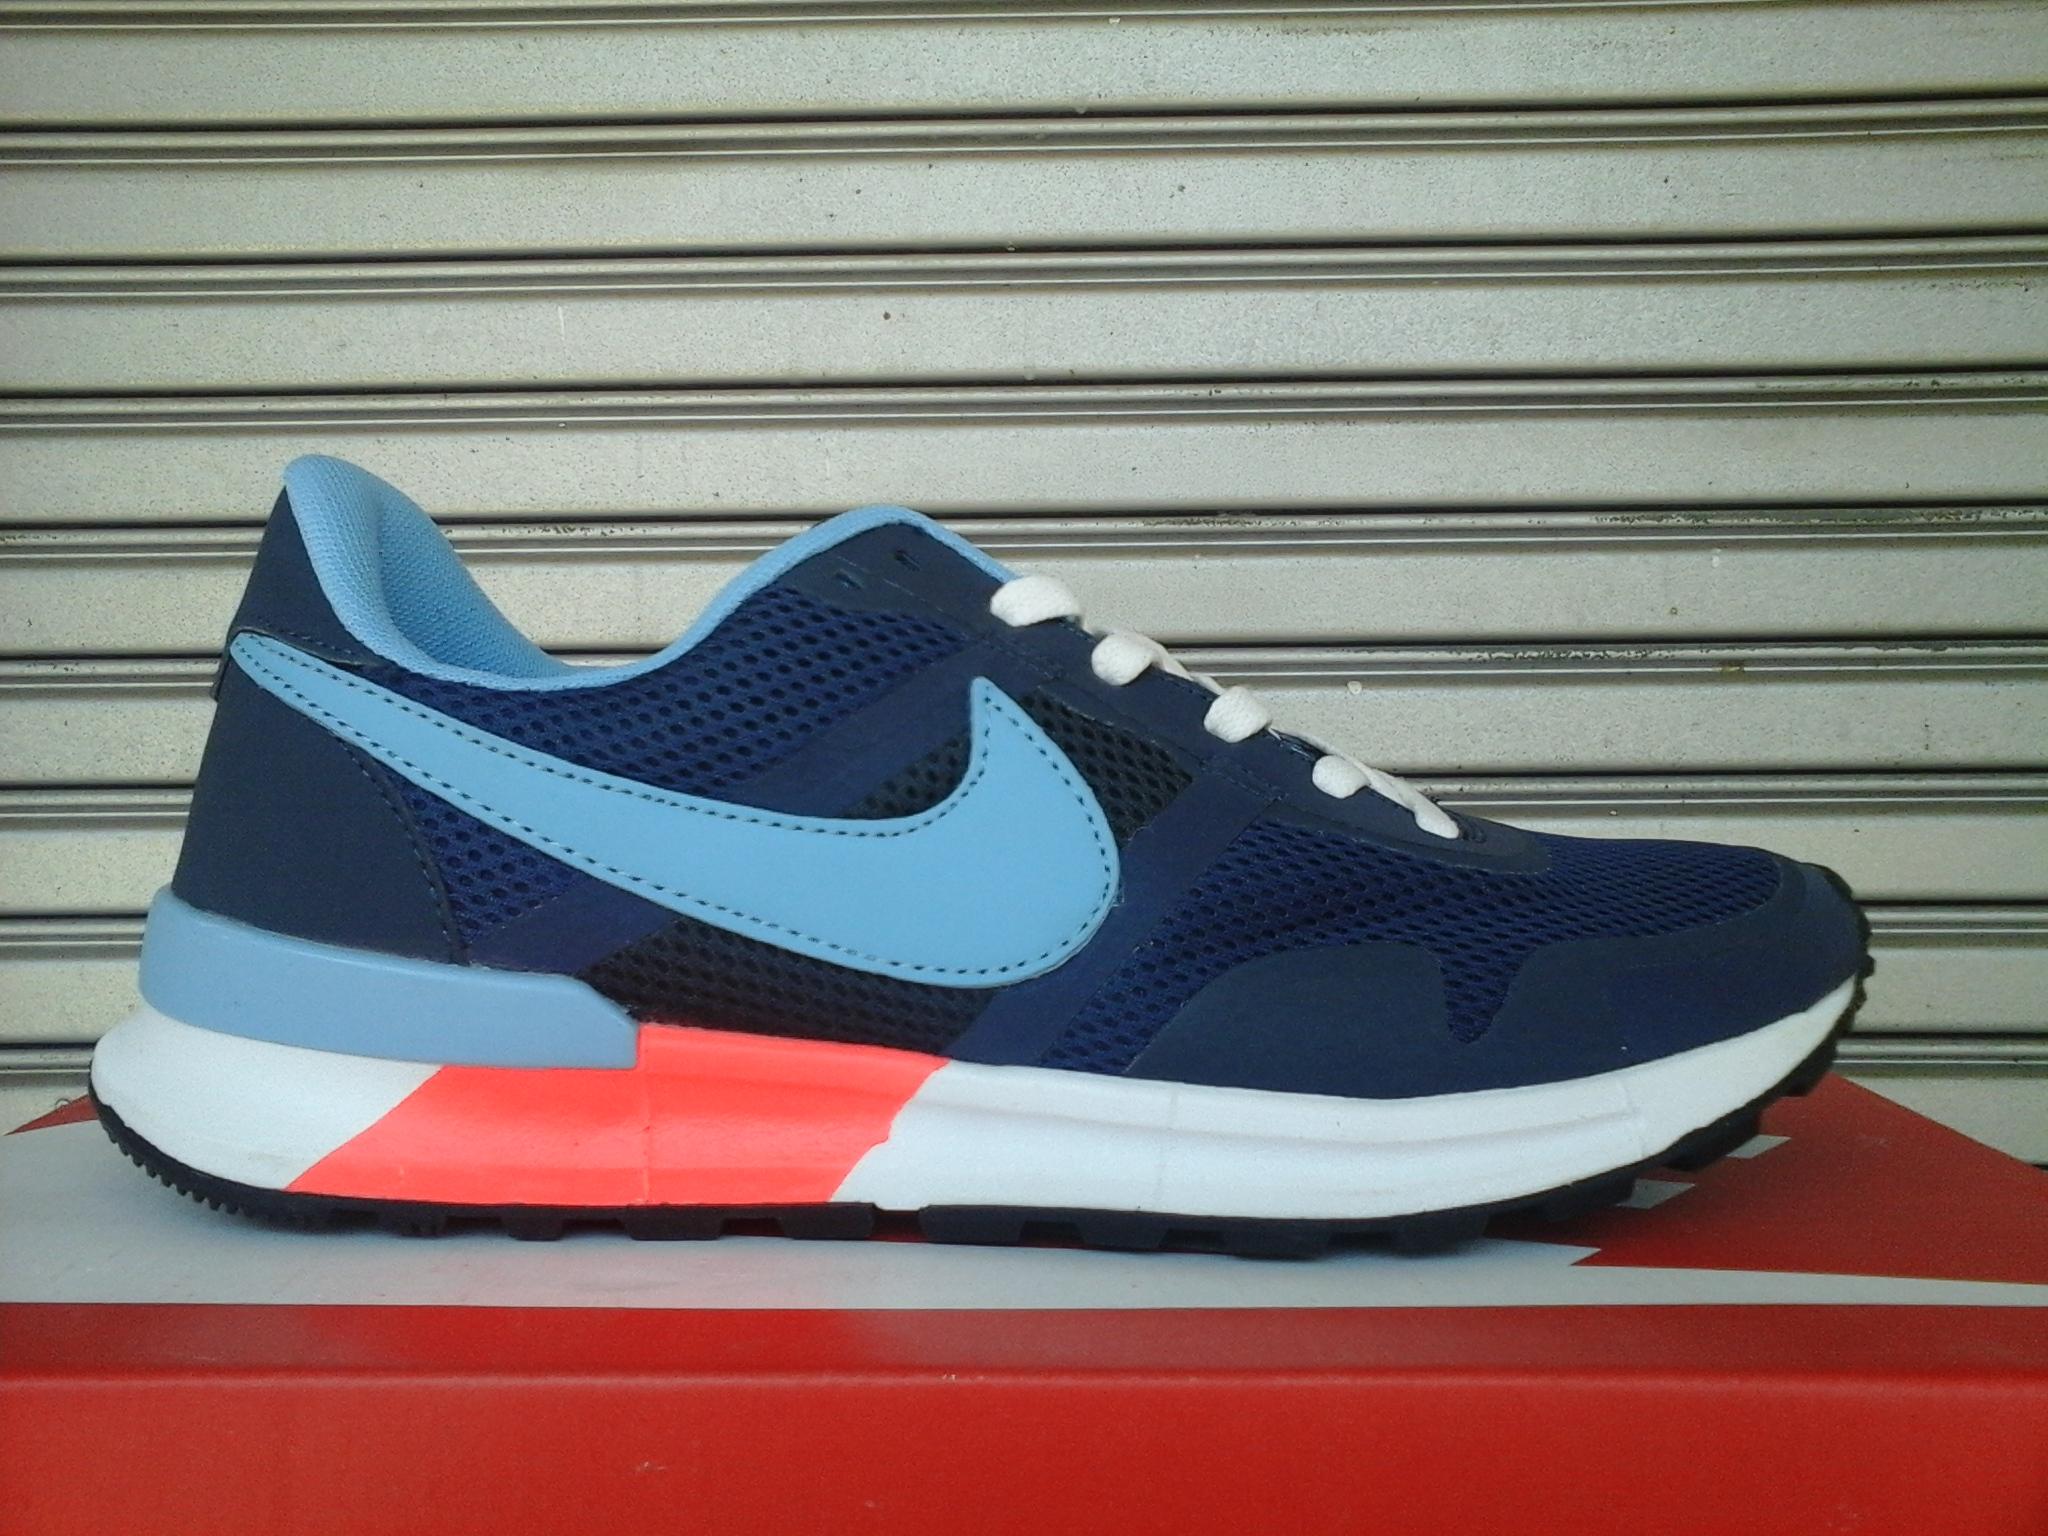 competitive price 4ce28 d1a16 ... low price usa jual jual sepatu nike air pegasus 83 30 navy blue geek  sneakers tokopedia